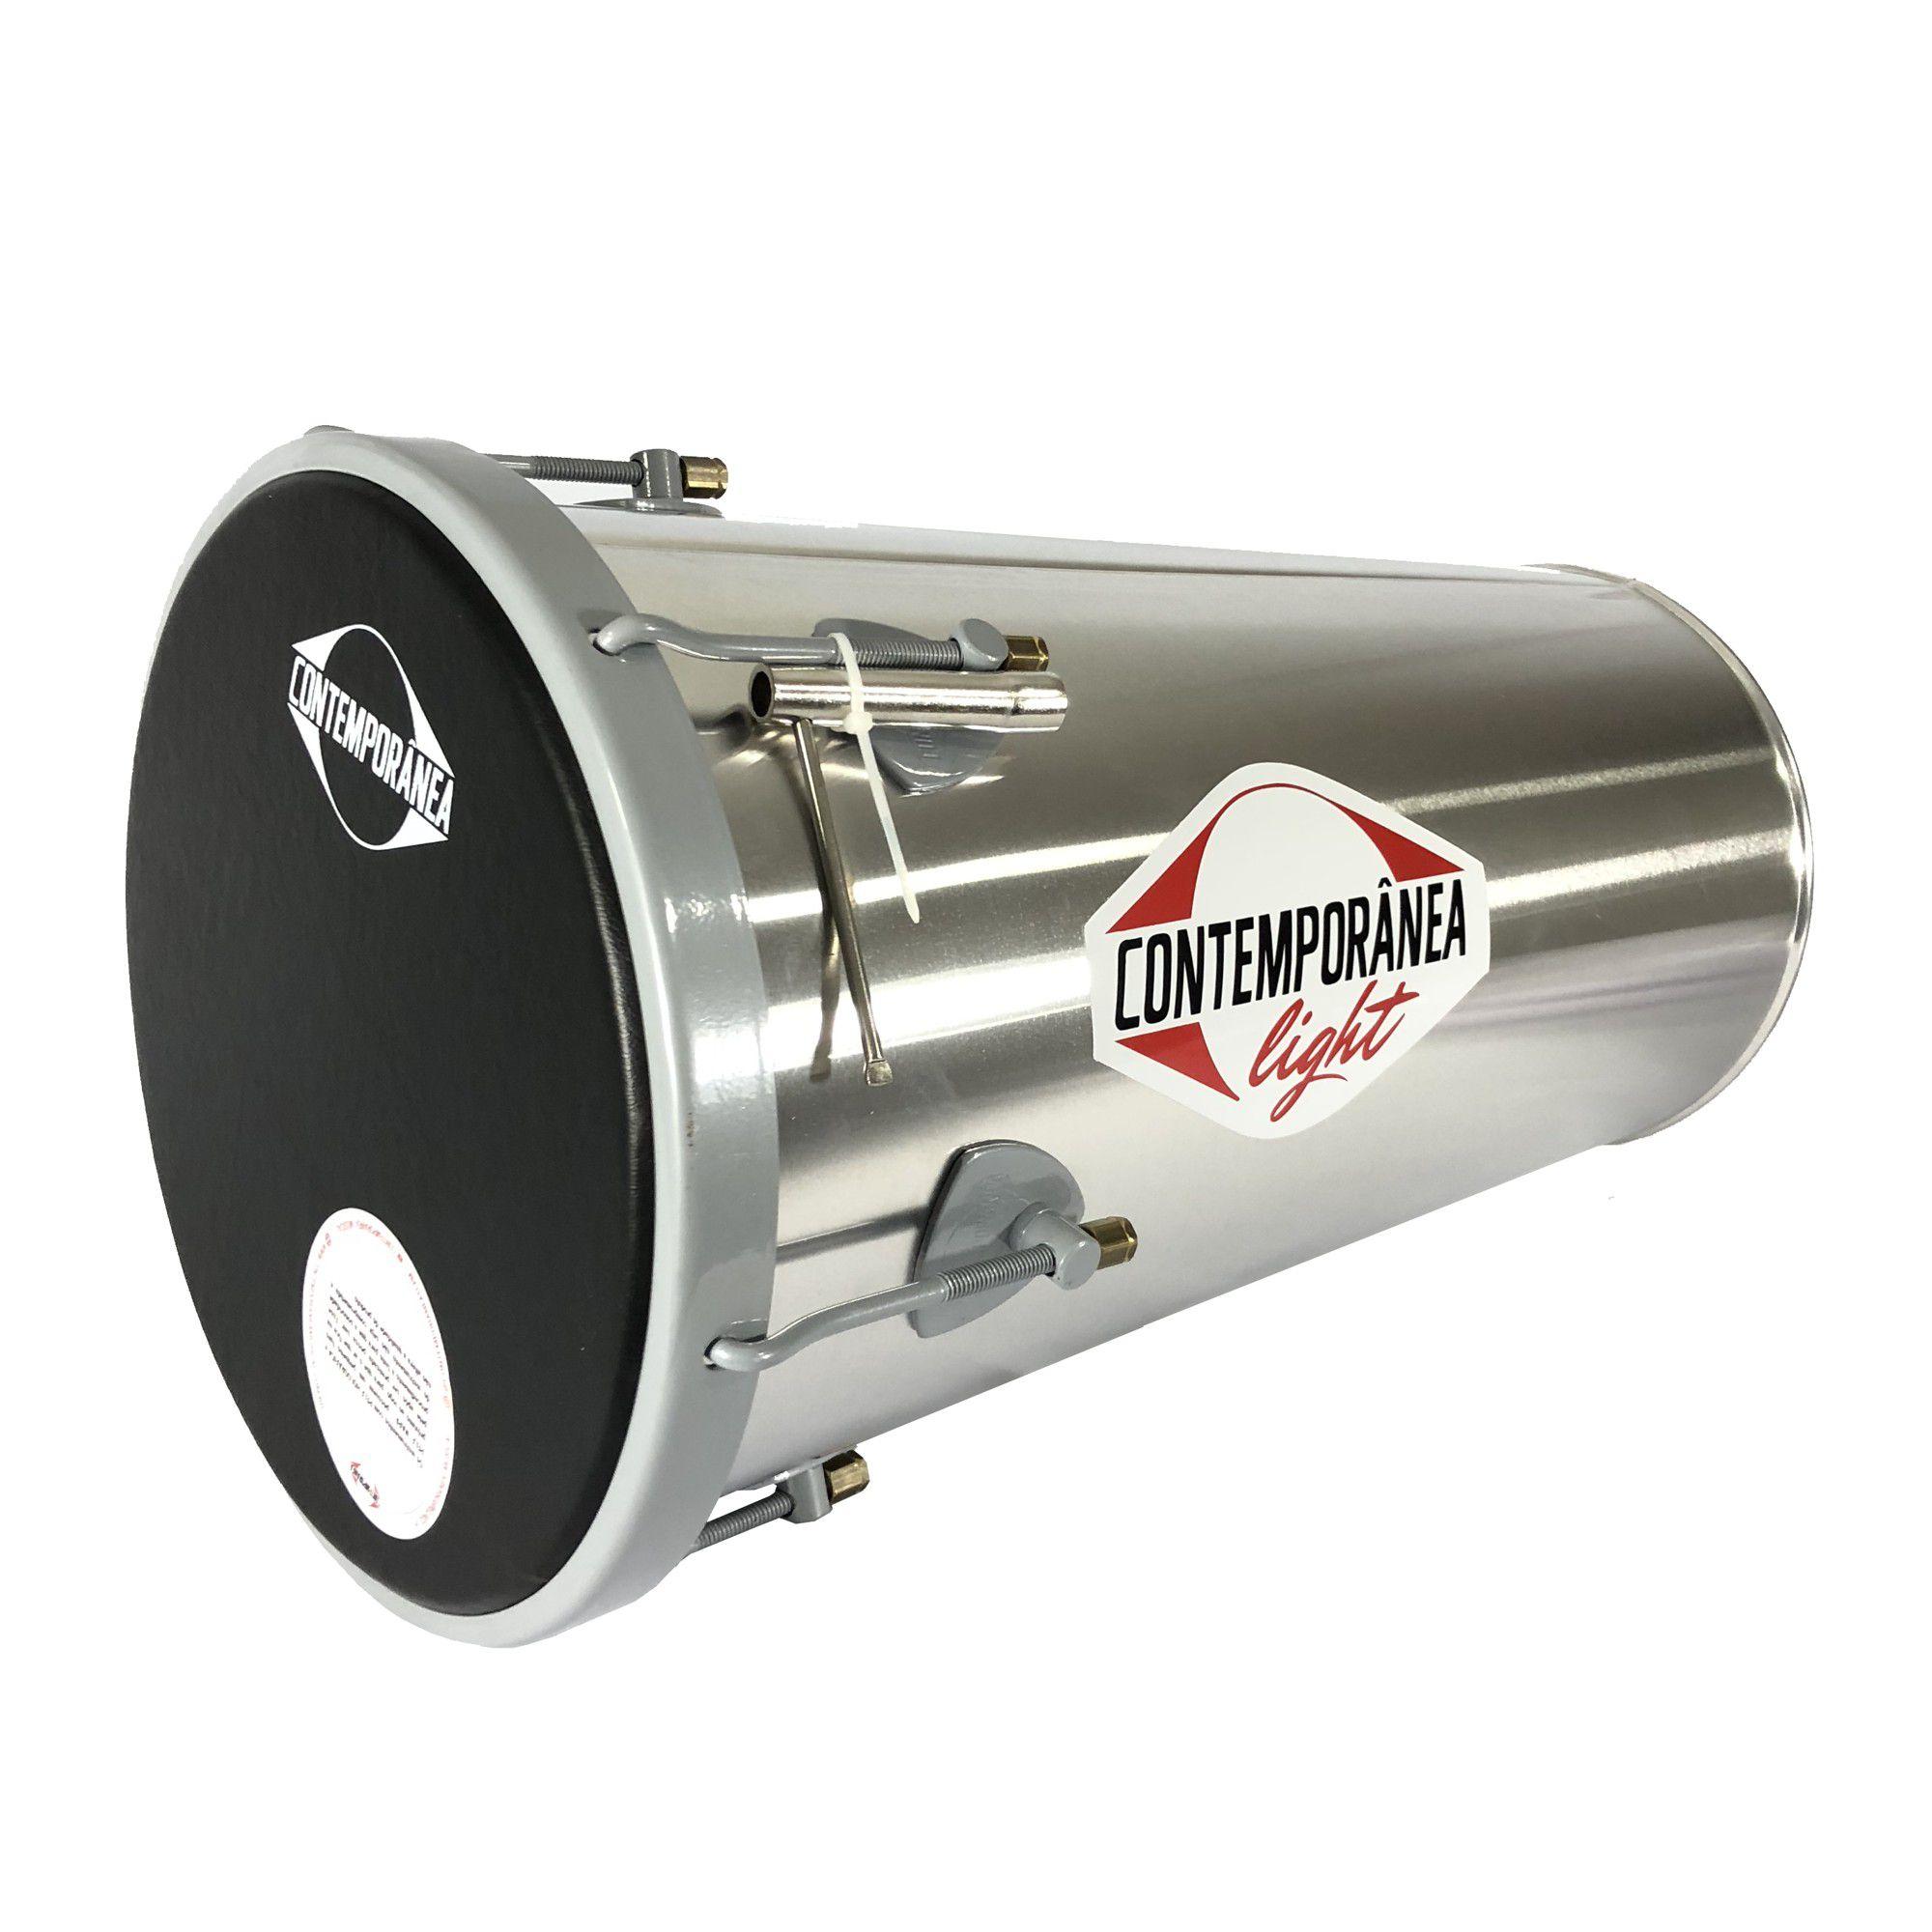 Rebolo Contemporanea Light 1224Lt 10 Pol Conico Aluminio